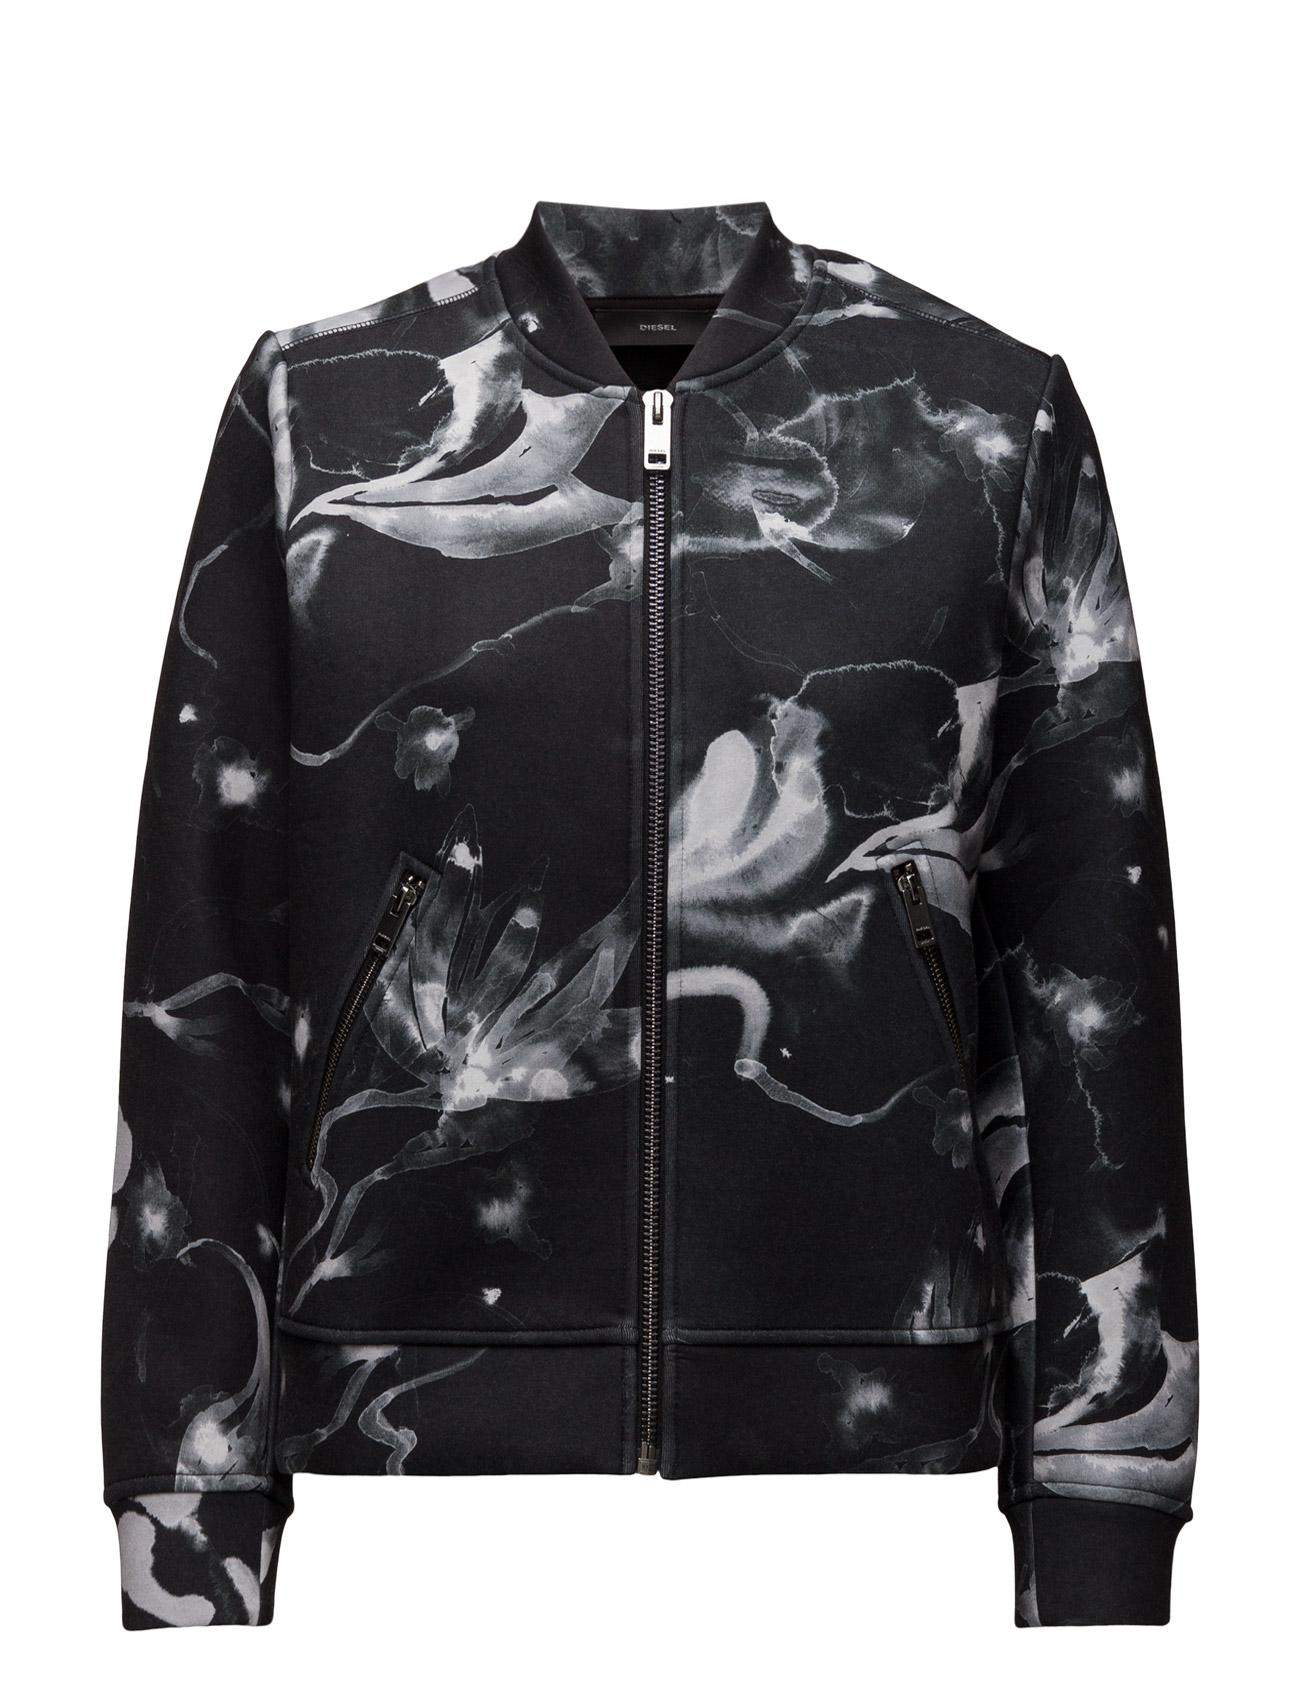 G-Anouk-A Jacket